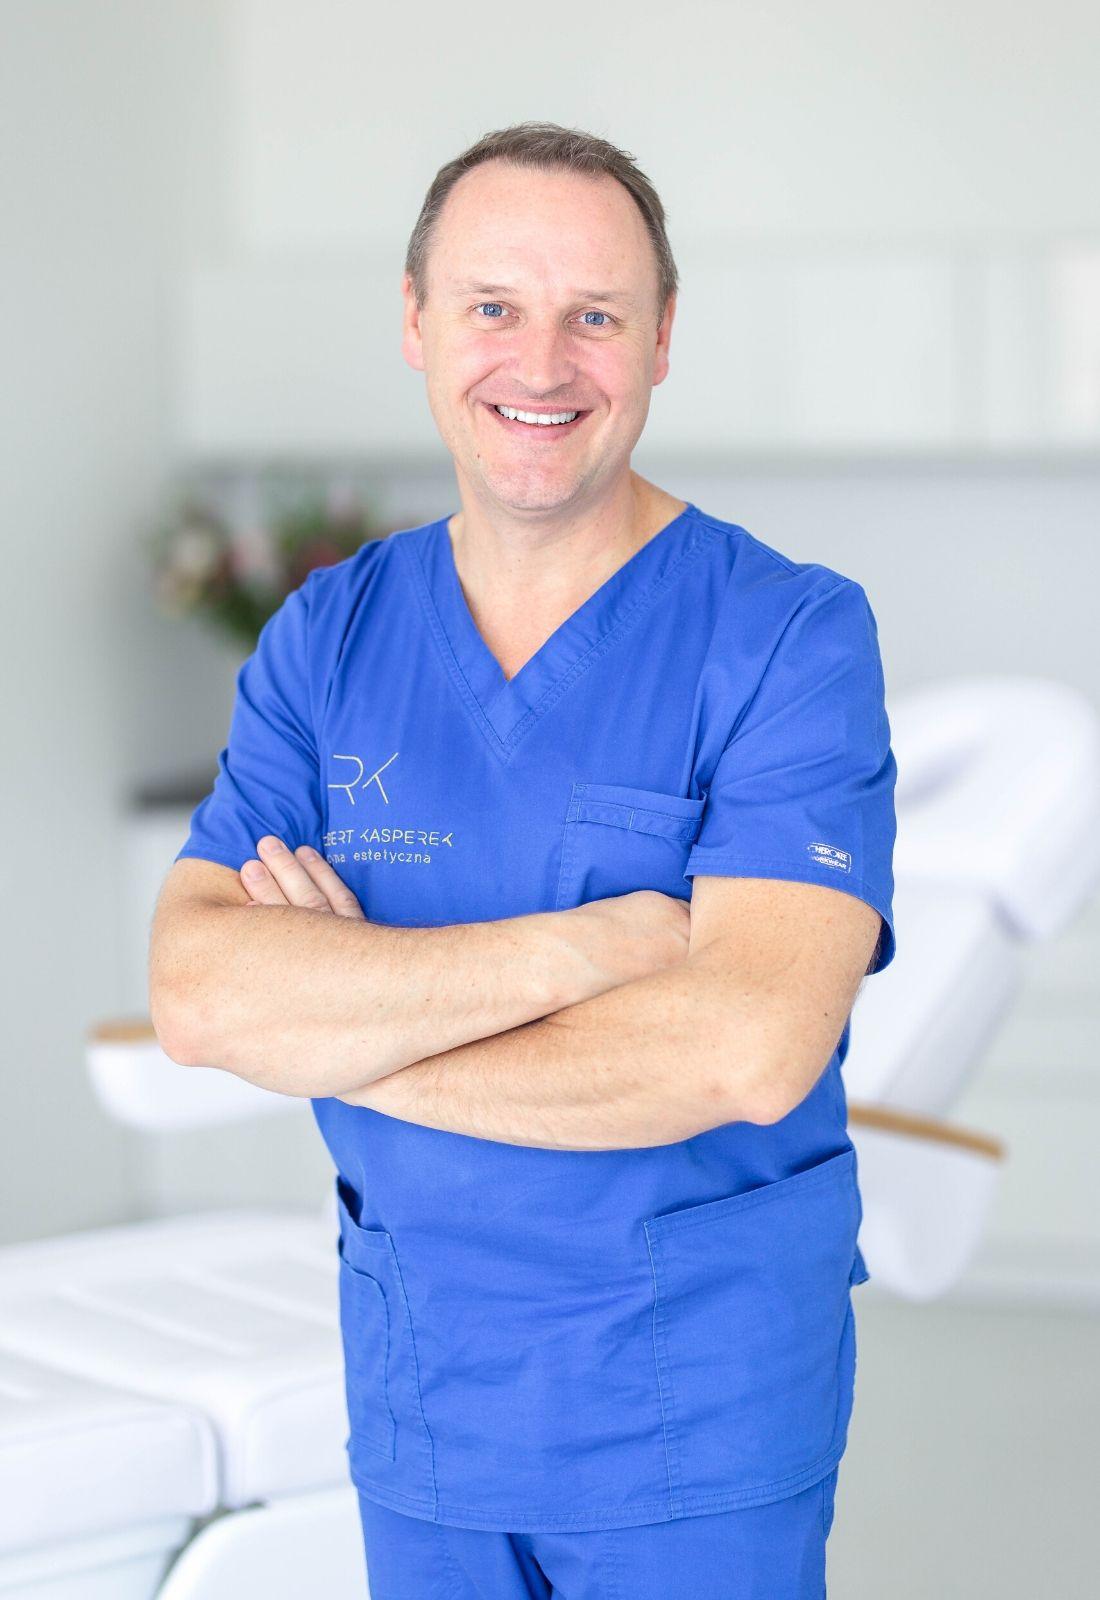 Klinika Dr Robert Kasprek Jelenia Góra Medycyna estetyczna i Laseroterapia